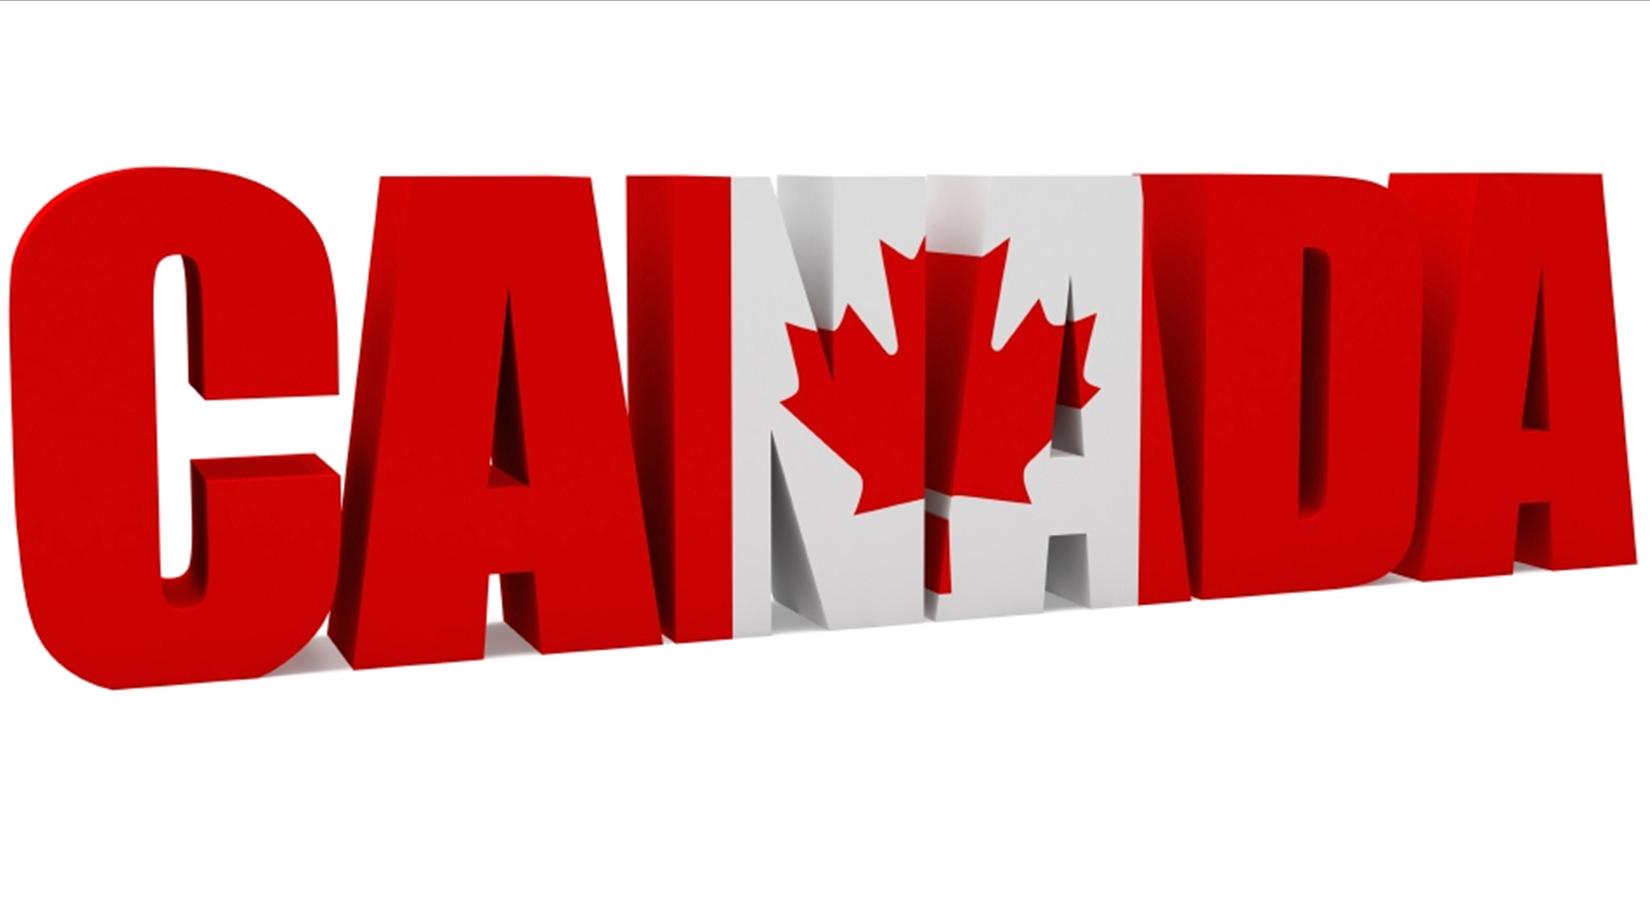 جوانب اقتصادية هامة لابد أن تعرفها عن الاقتصاد الكندي